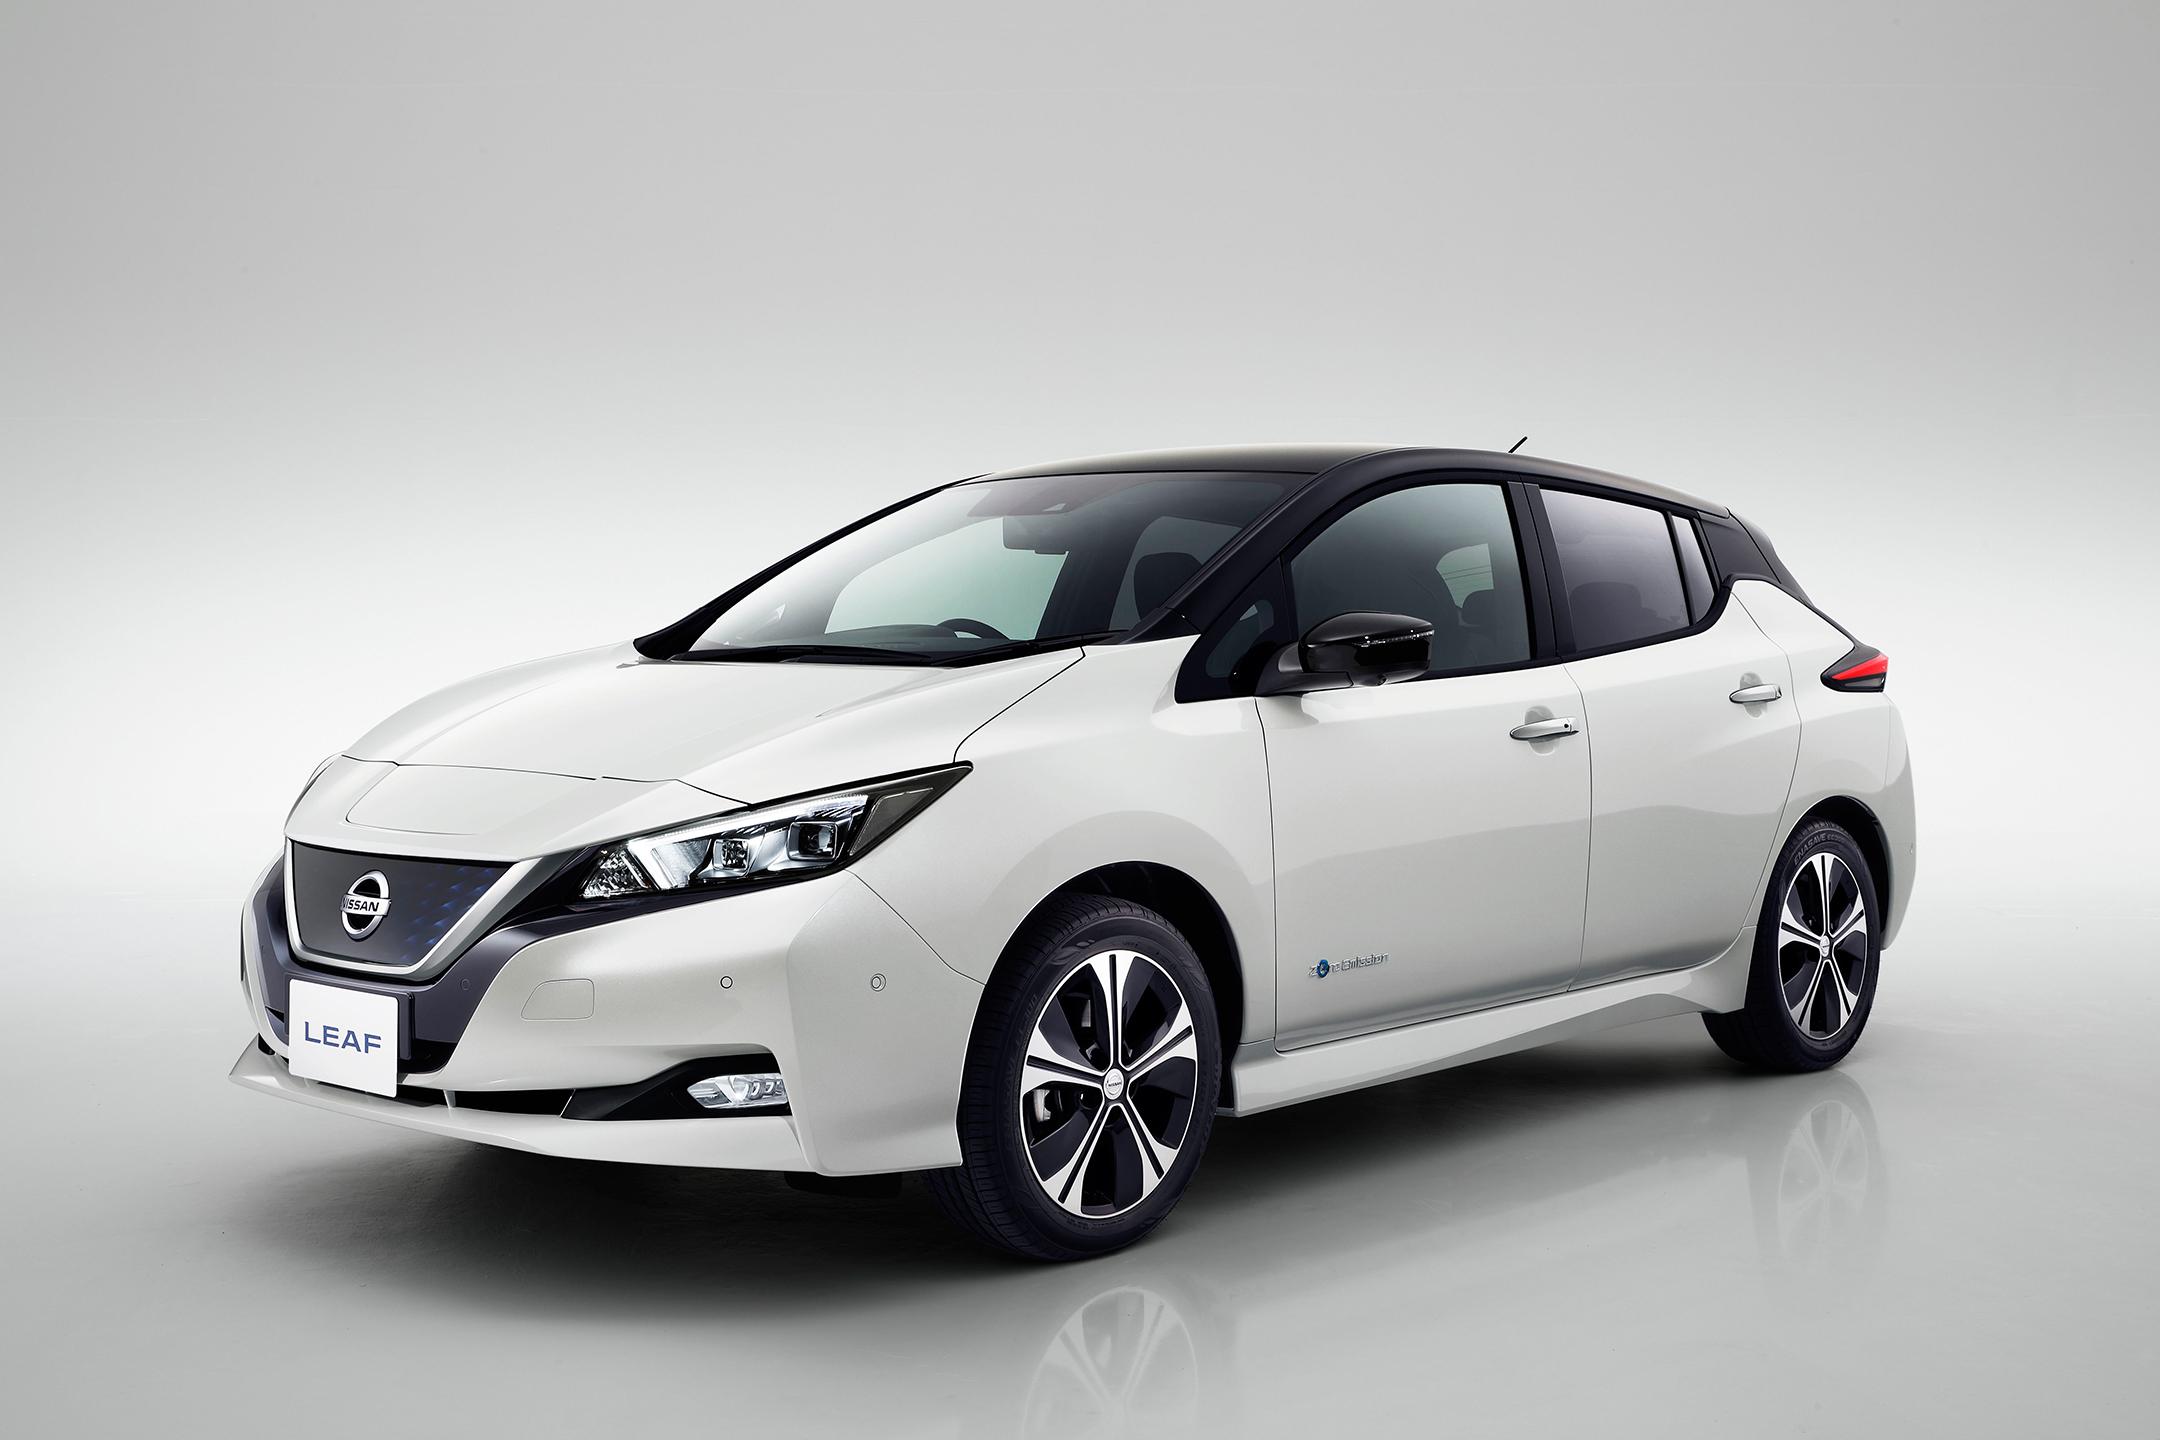 Nissan LEAF 2.0 - 2017 - front side-face / profil avant